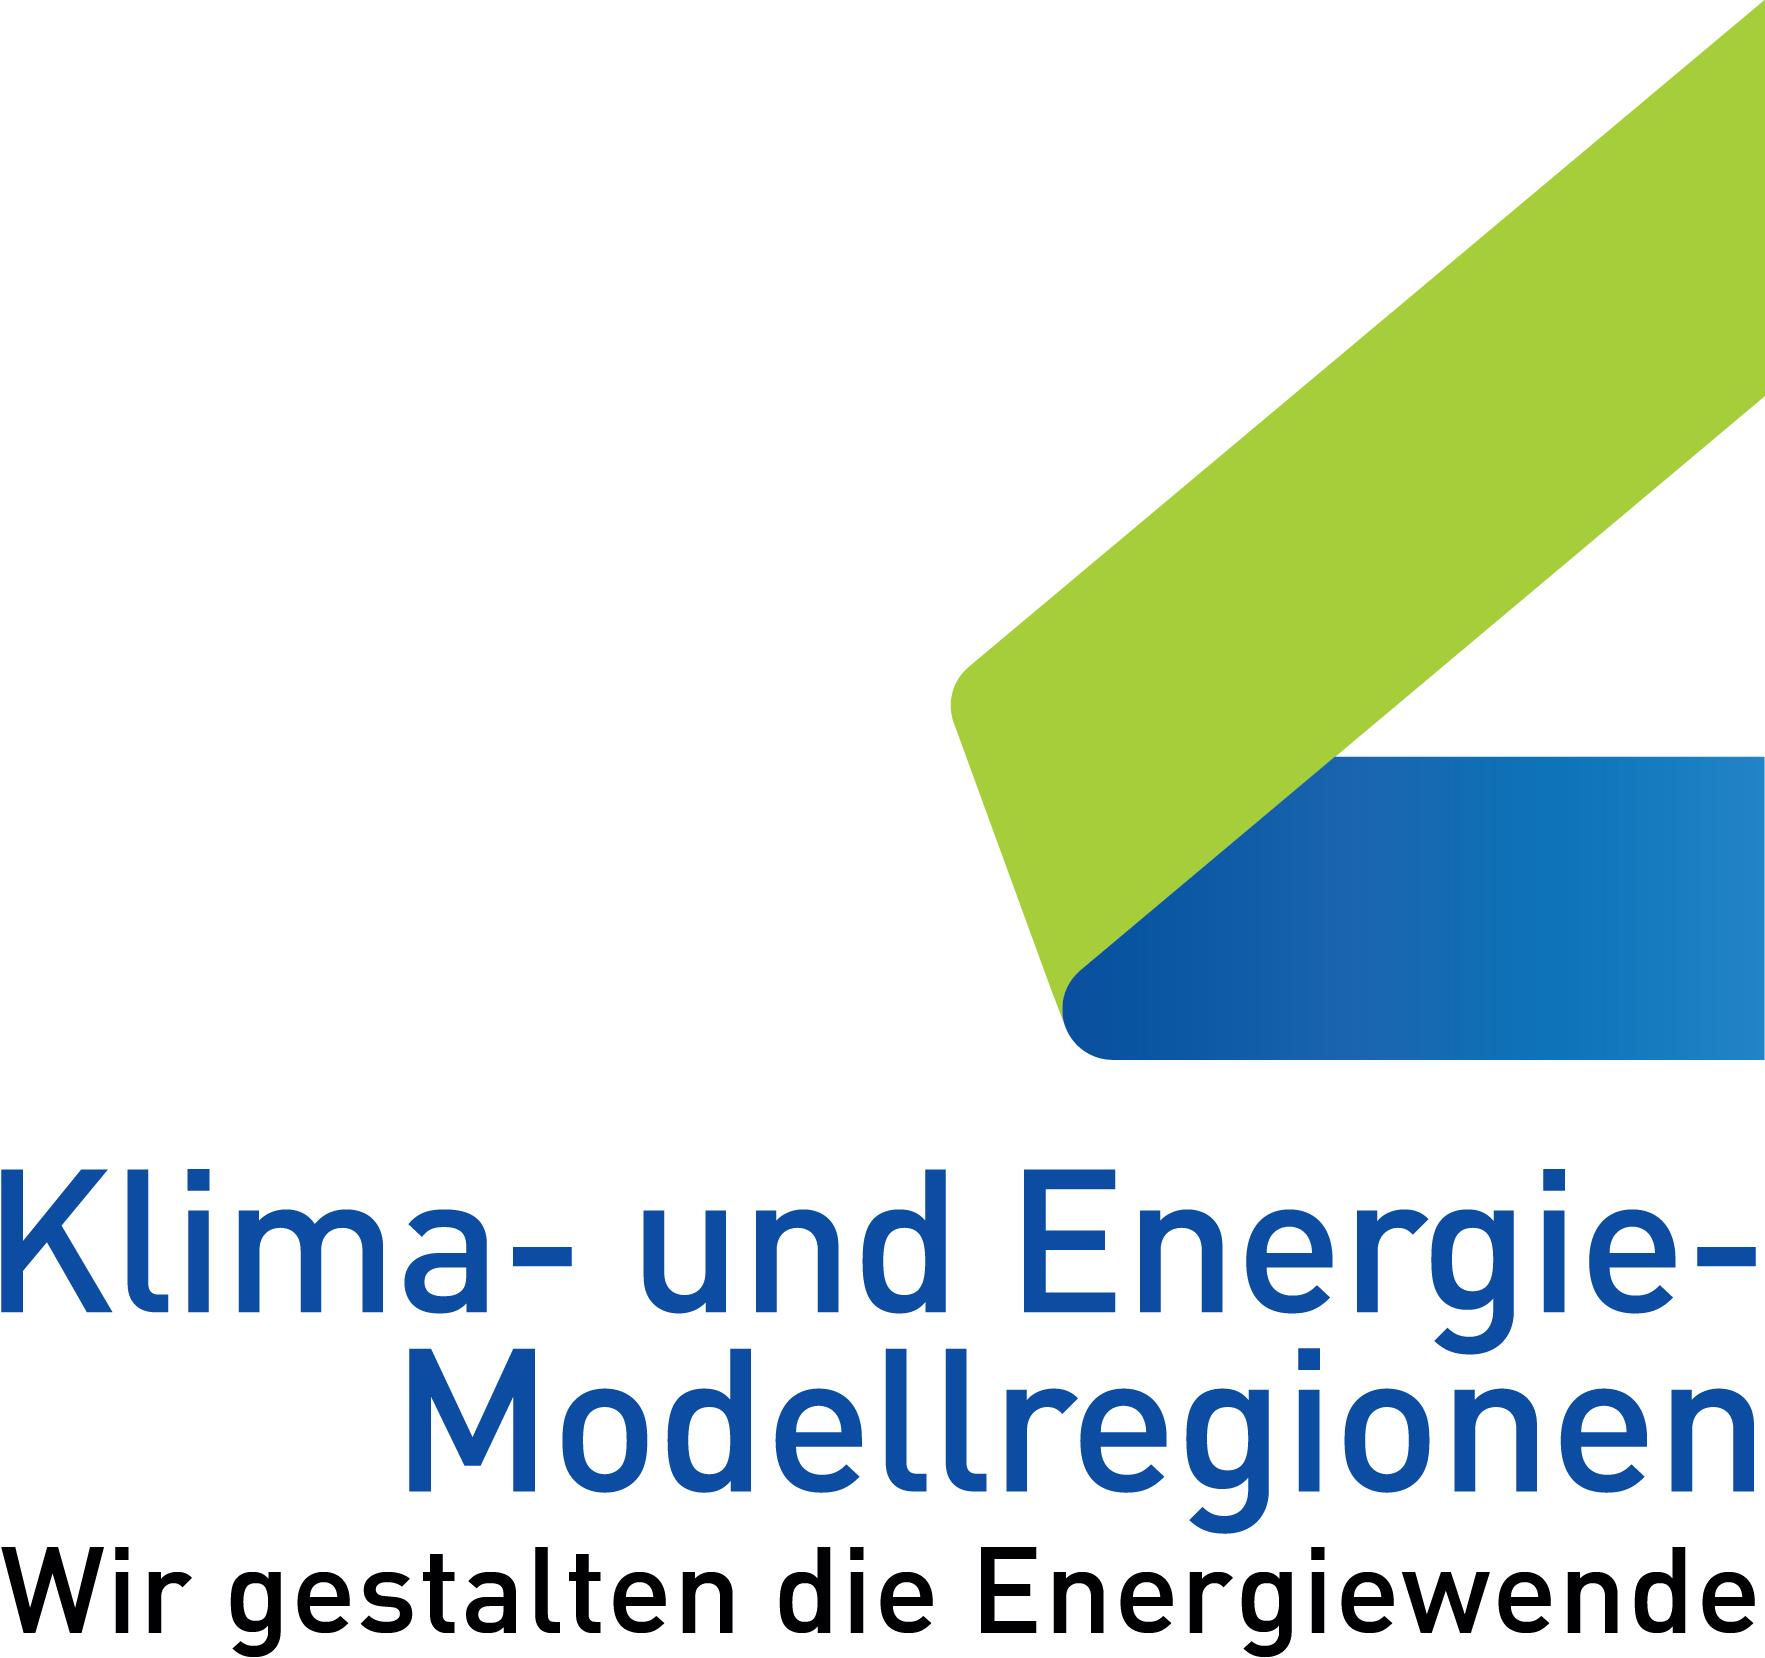 Klima und Energie Modellregionen - KEM